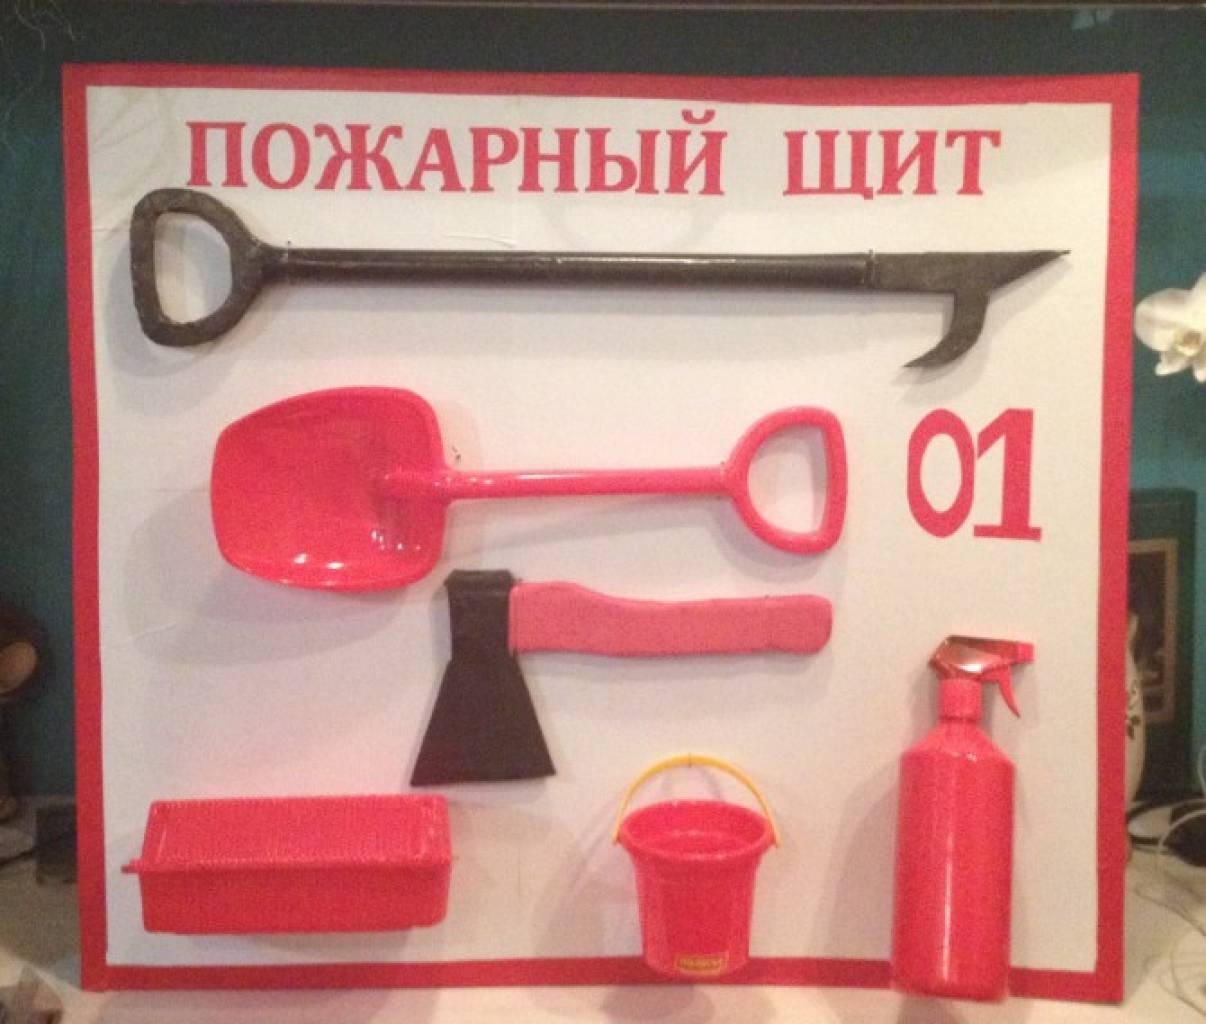 Поделки из пластилина для детей 4-5 лет пошагово 53